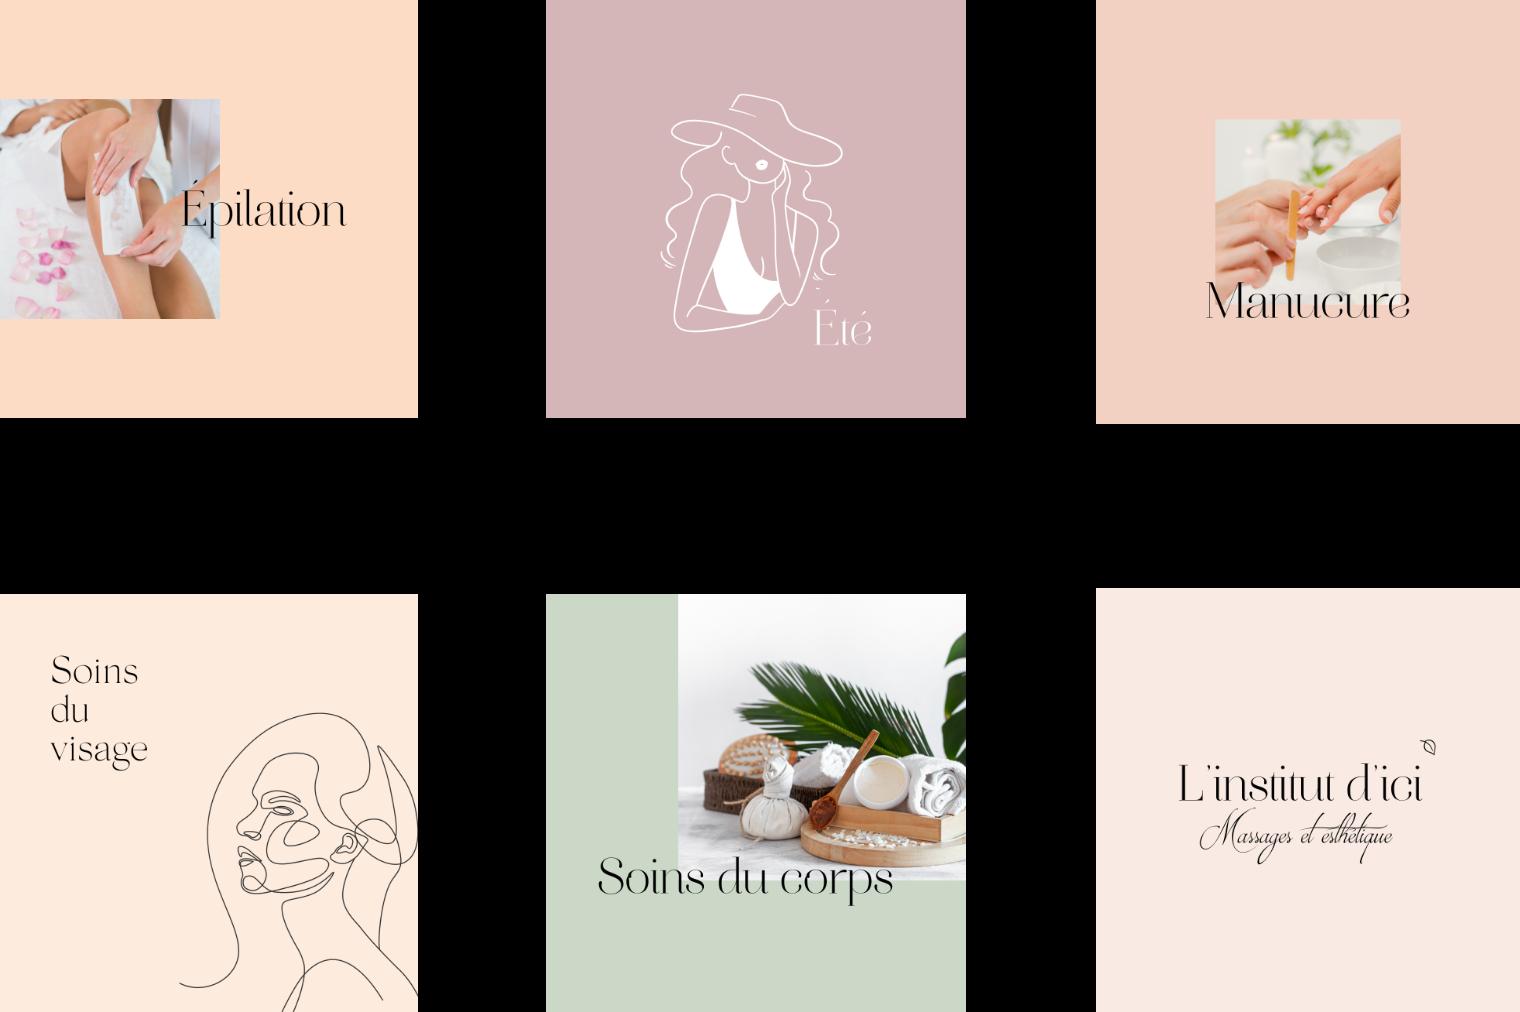 6 posts Instagram aux couleurs claires pour l'institut d'ici.